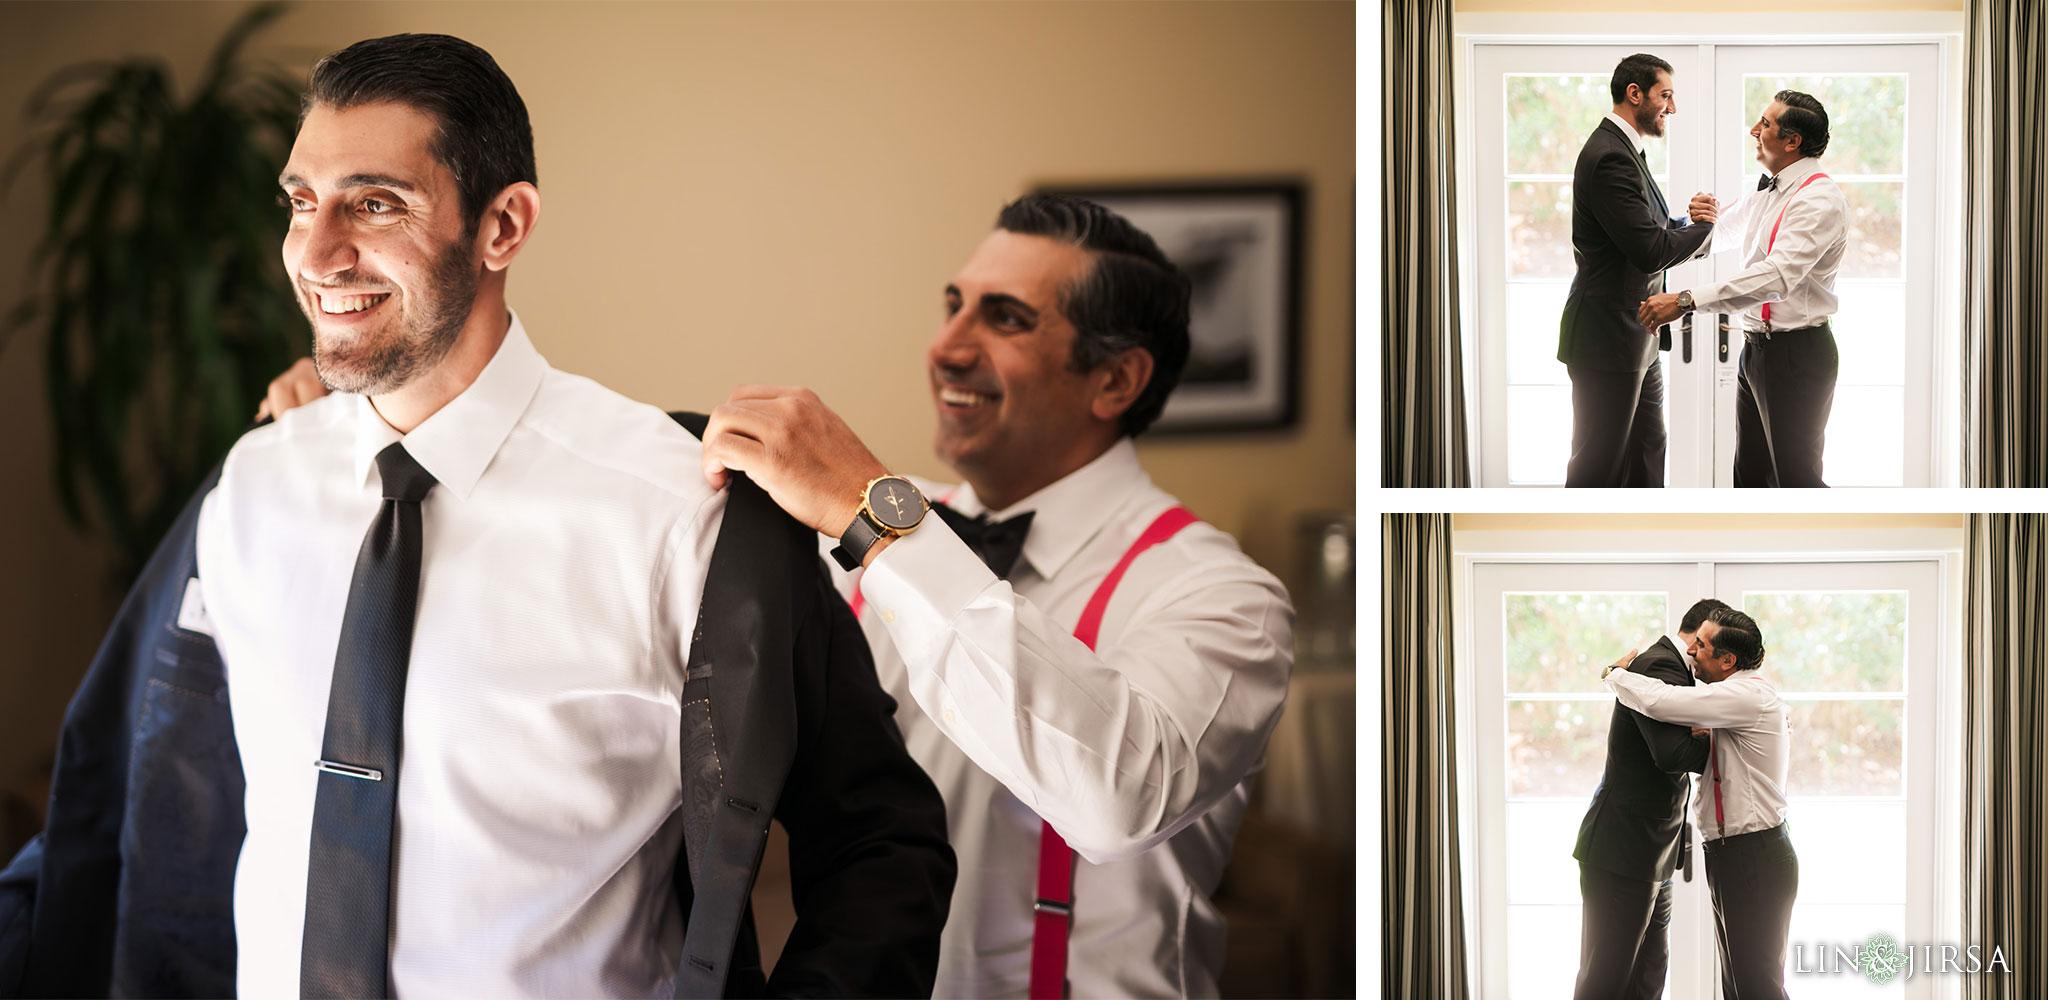 016 estancia la jolla hotel spa persian wedding photography